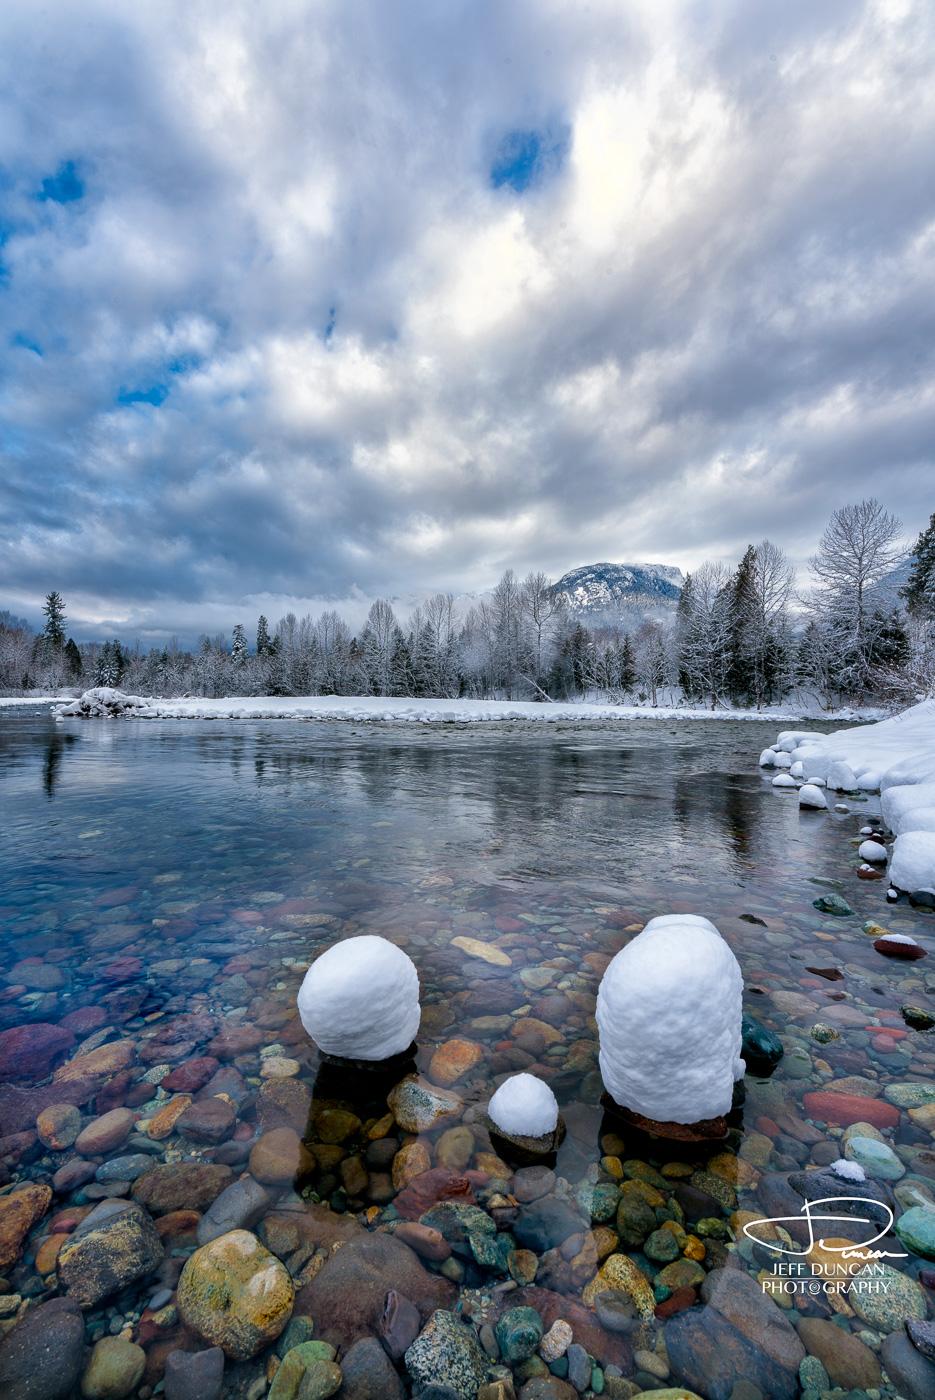 Mamquam River, Squamish, BC